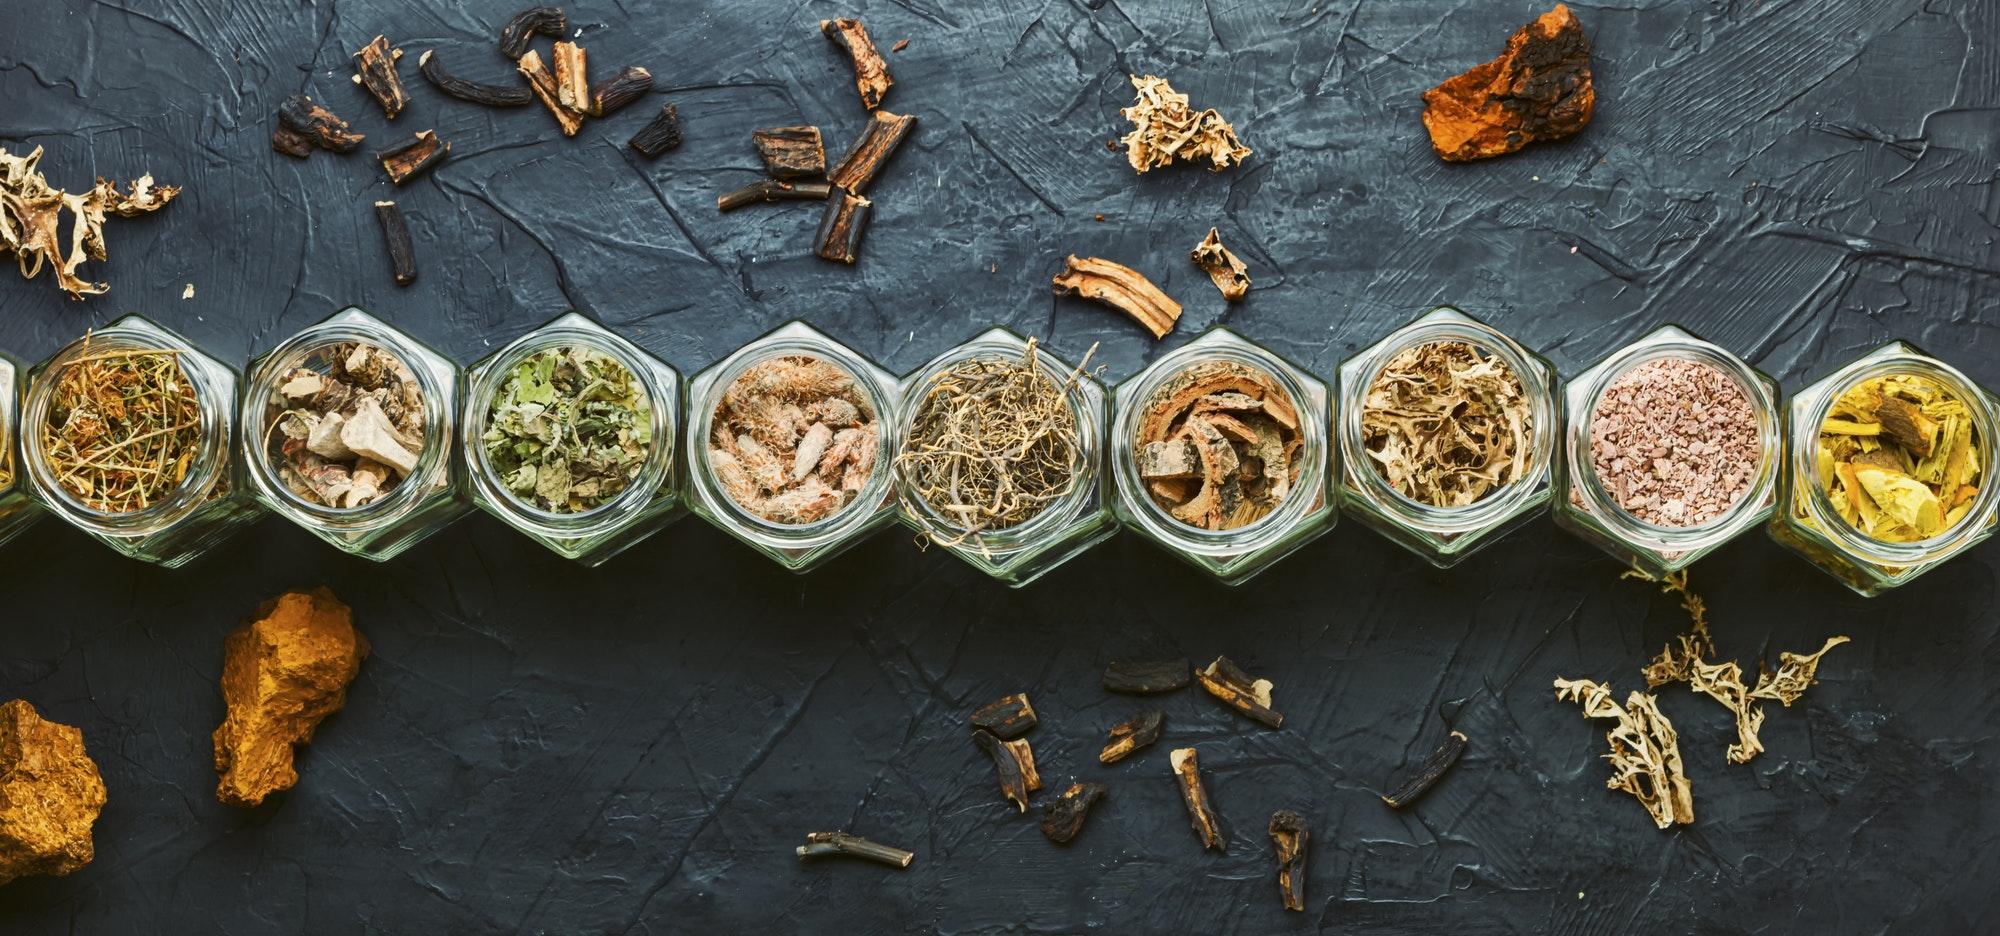 Indoor Growers World - Healing Medicinal Herbs